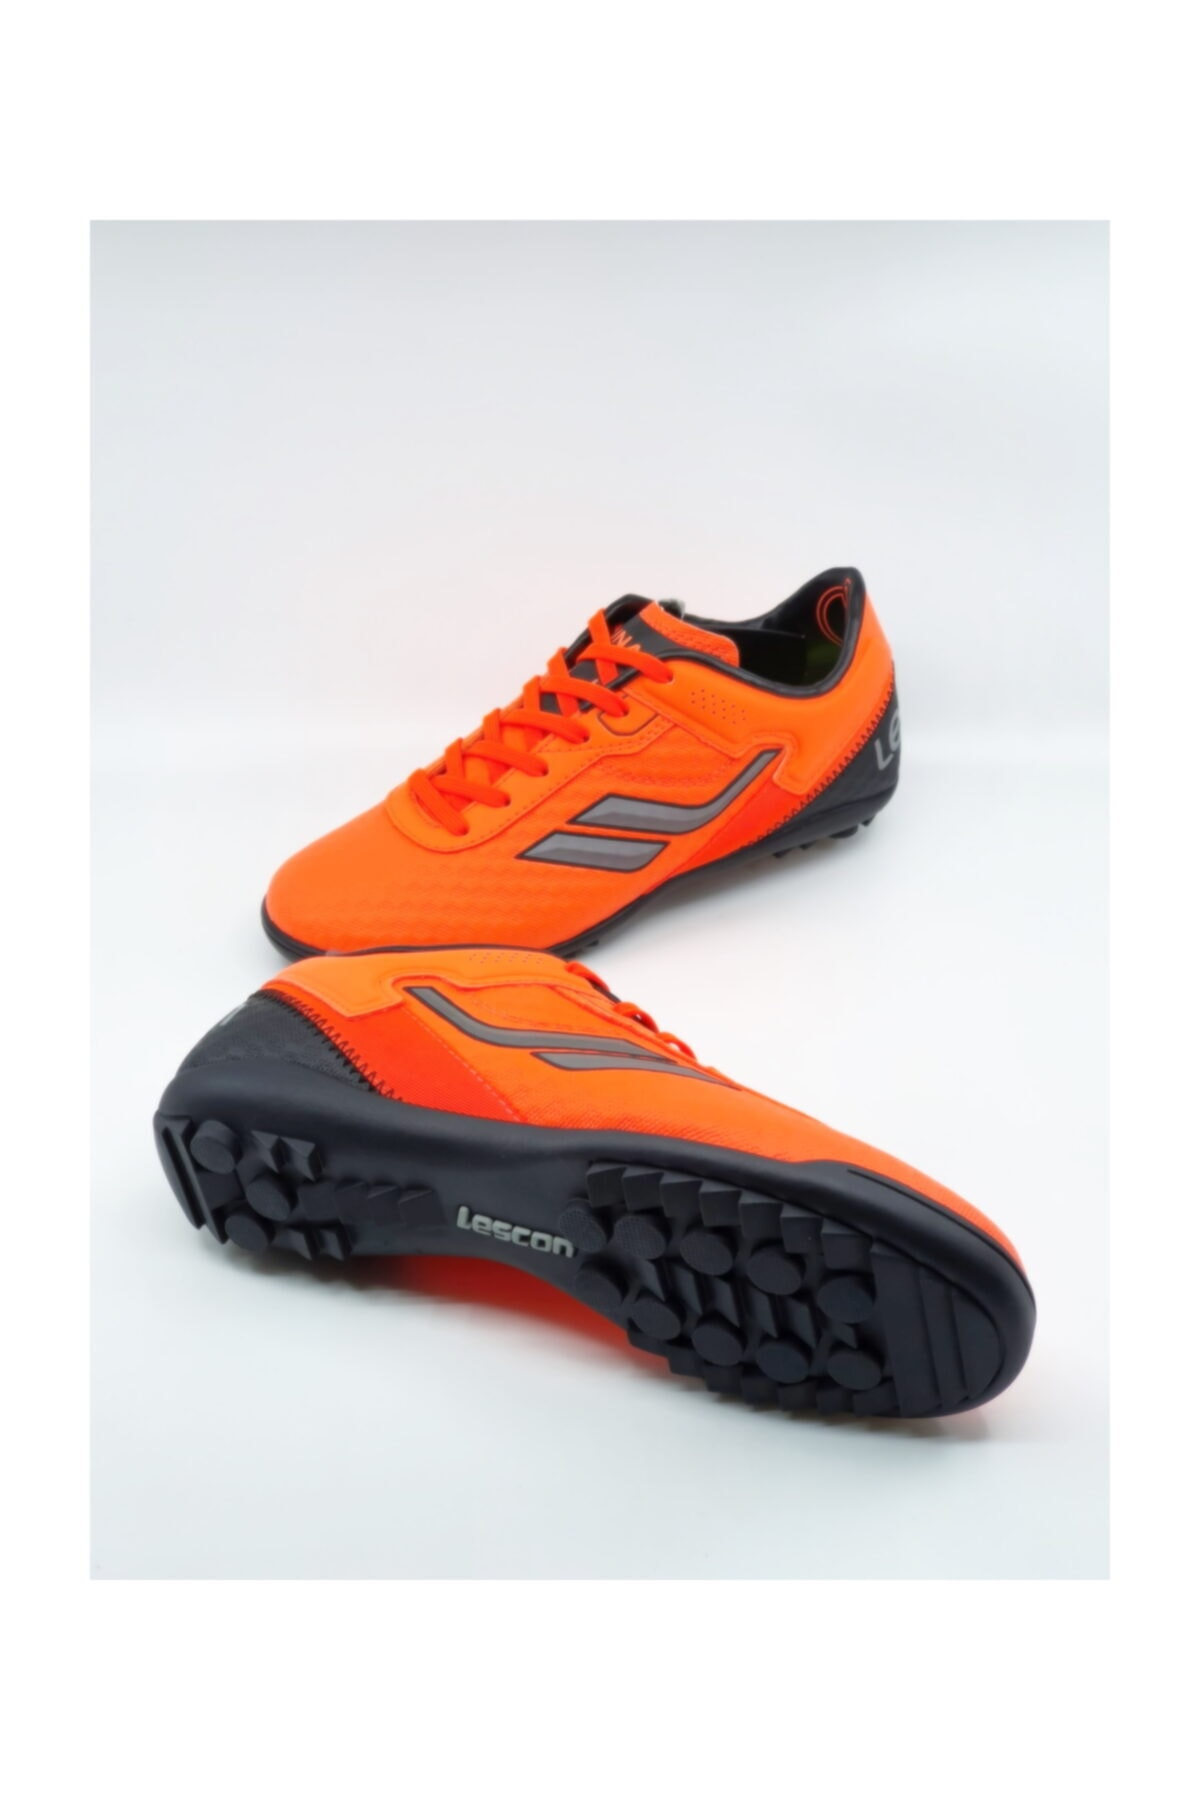 Lescon Erkek Turuncu Halı Saha Ayakkabısı 2